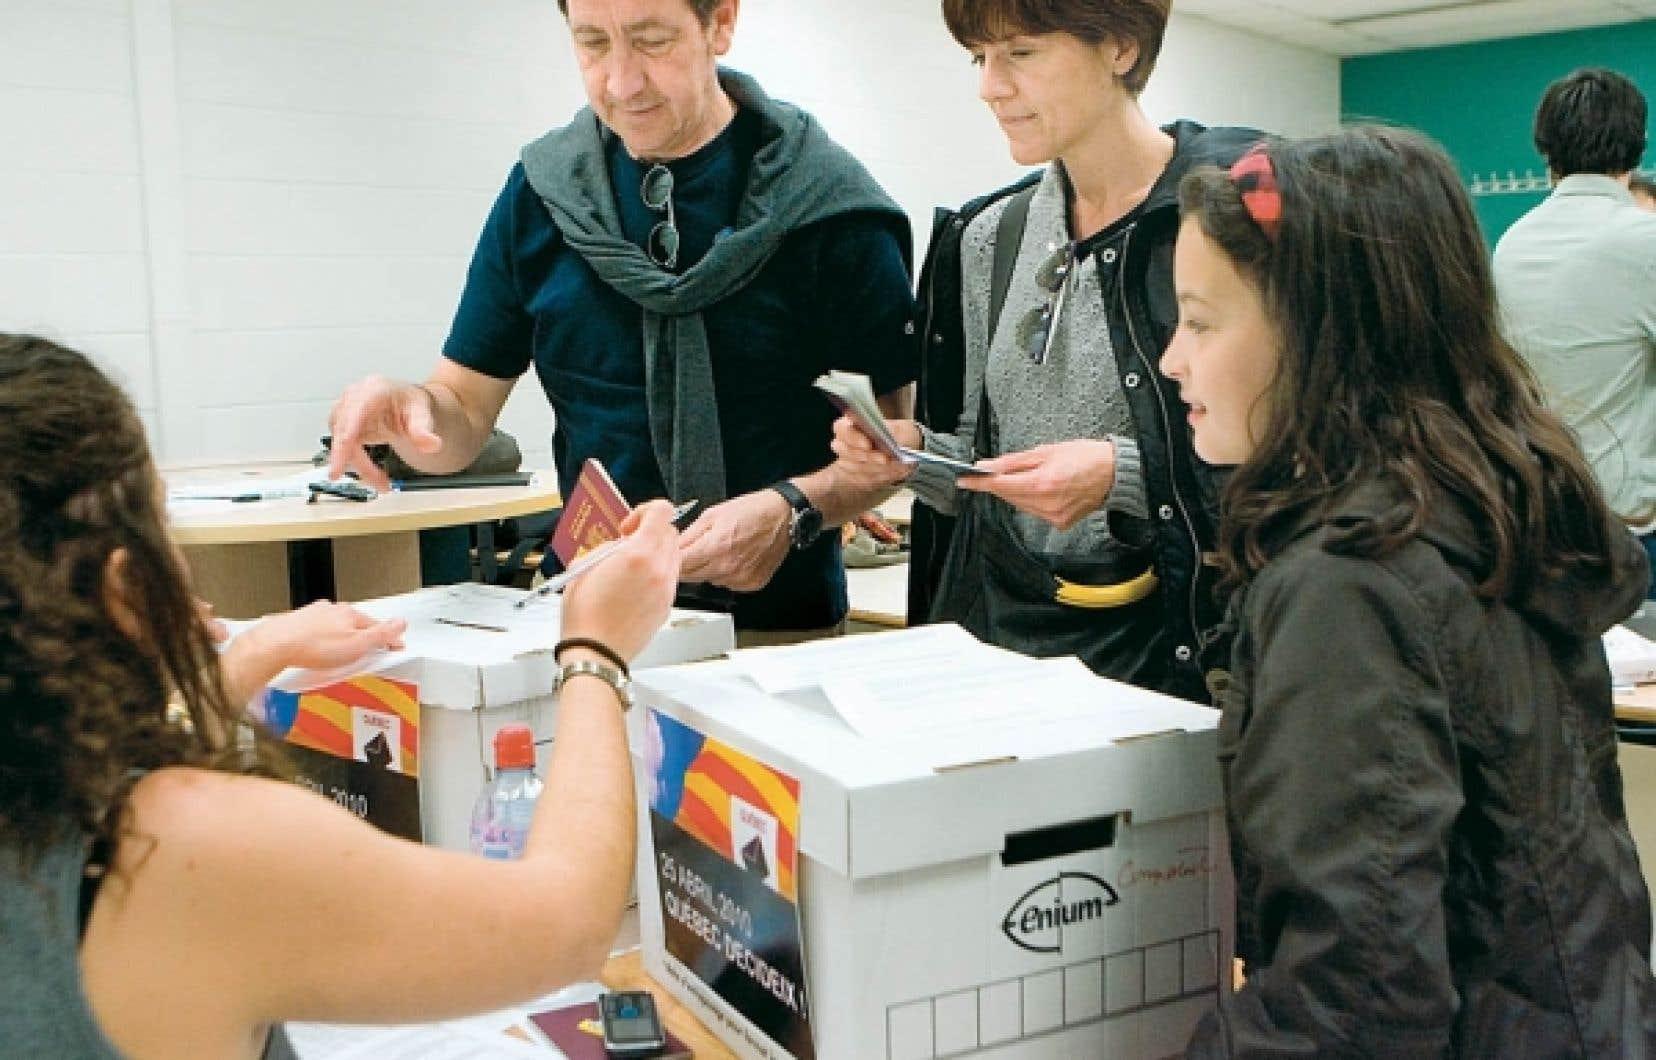 Des Québécois d'origine catalane sont allés voter à un référendum symbolique sur l'indépendance de la région. Le «oui» a gagné par une forte majorité.